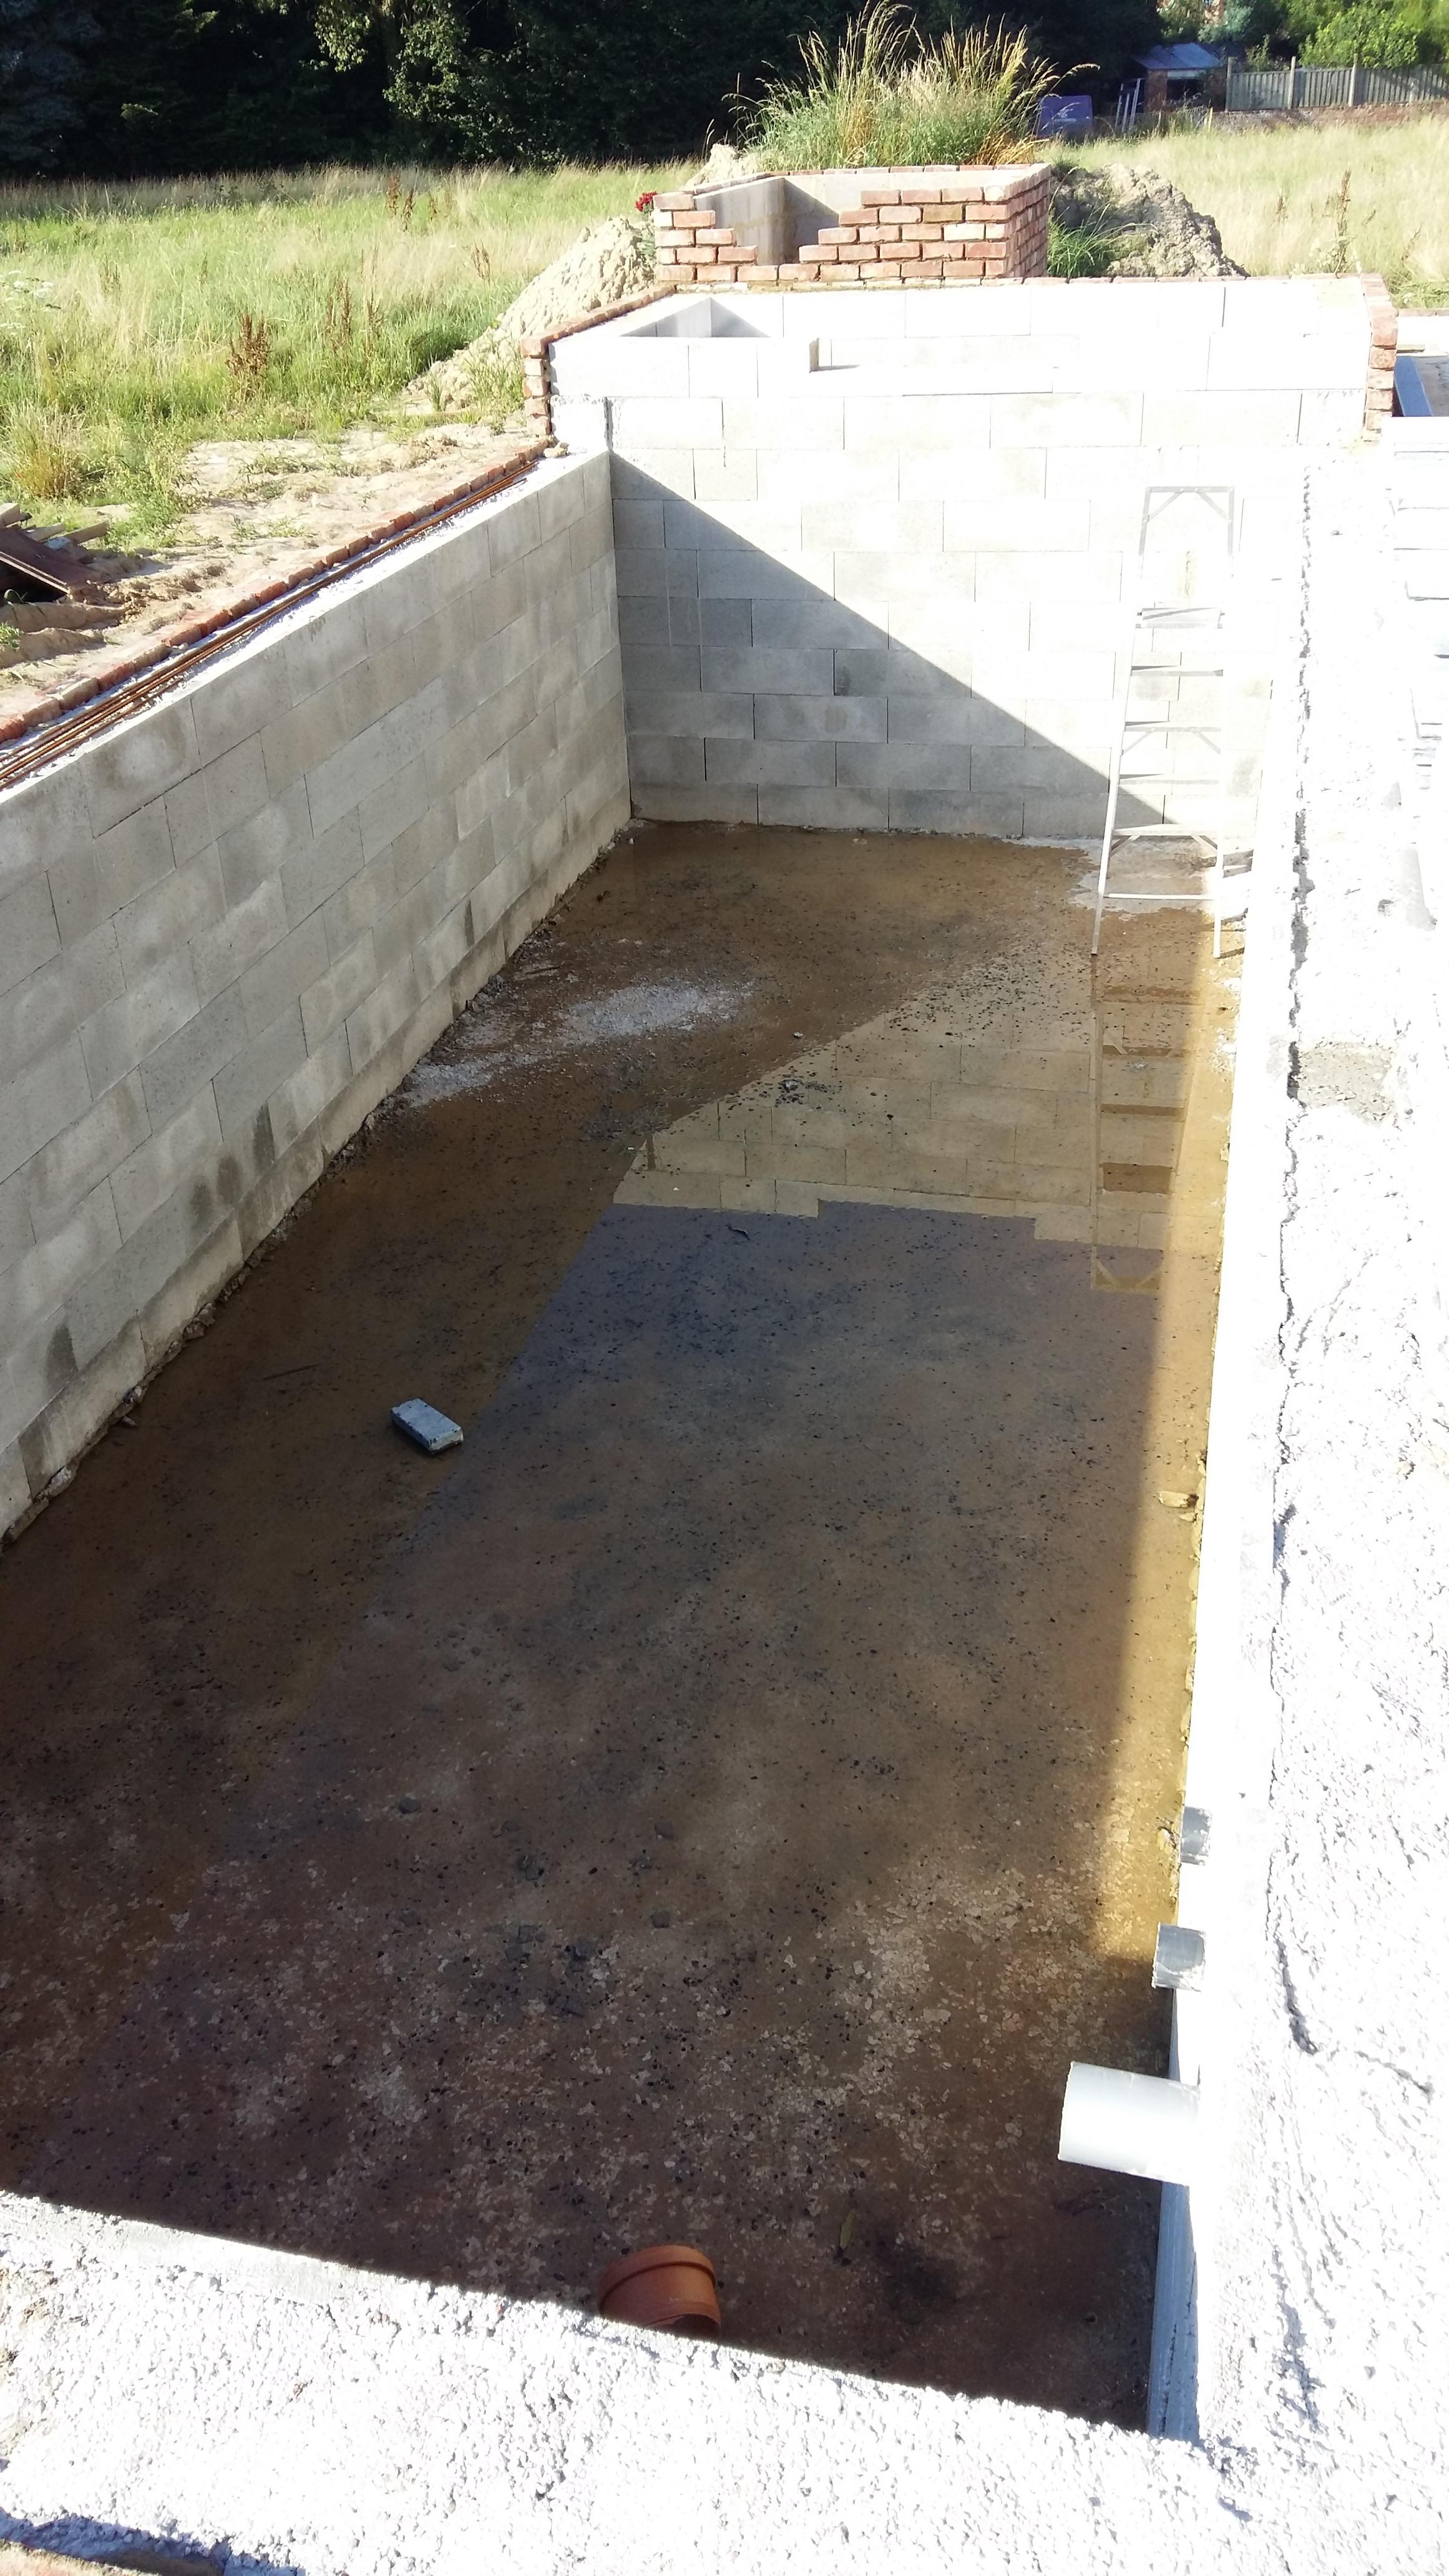 construction de mes 2 bassins béton : 44 000 litres - Forum ...